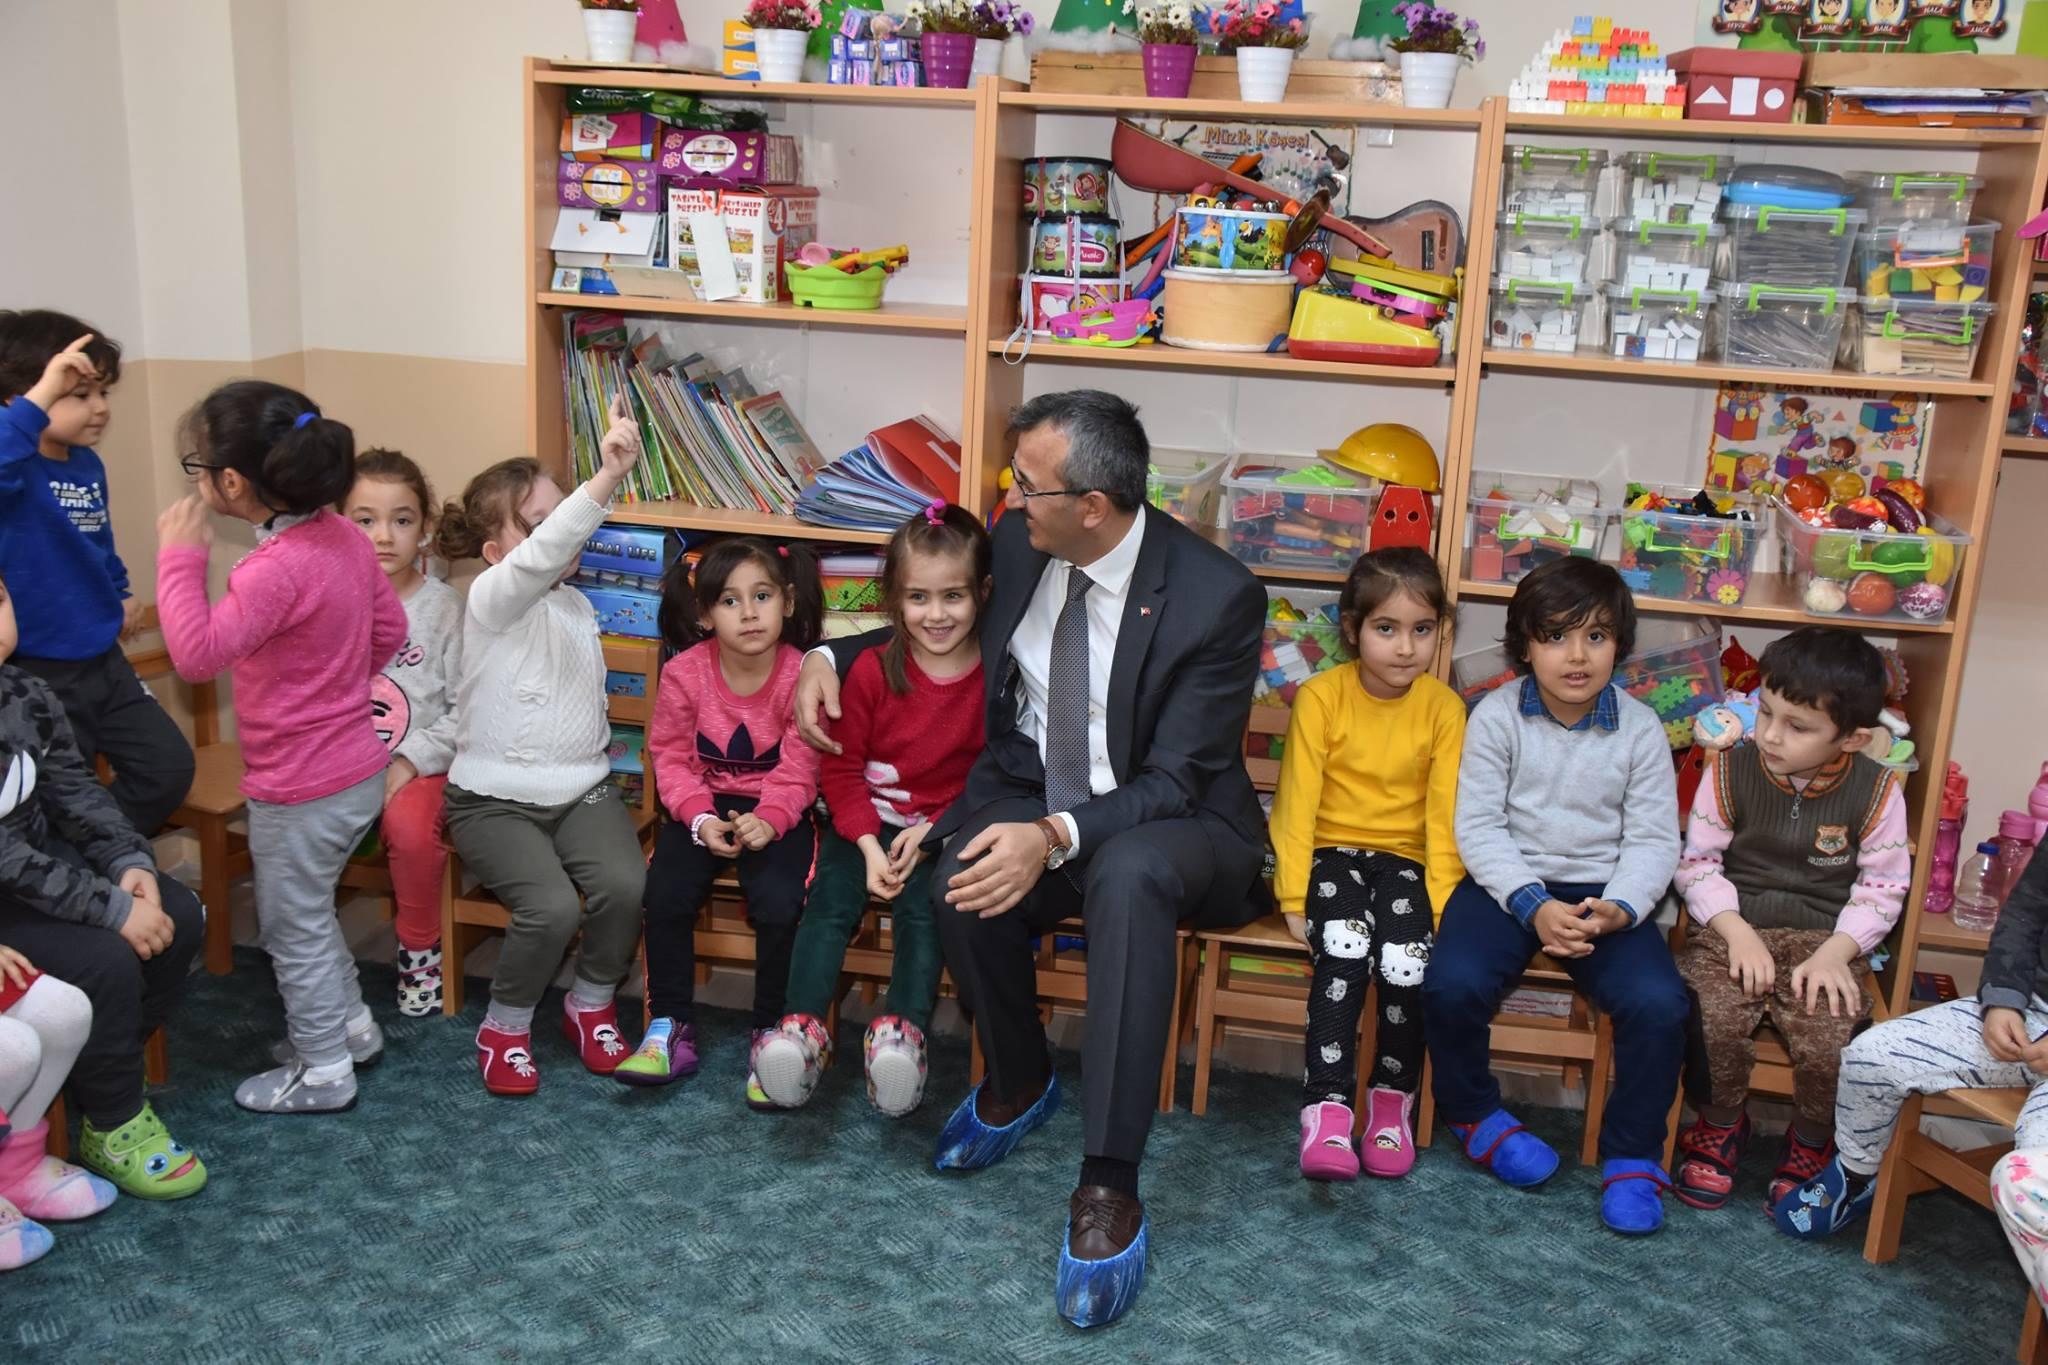 Çocuklarımız ülkemizin ortak umudu ve geleceğidir - Çocuklarımız ülkemizin ortak umudu ve geleceğidir